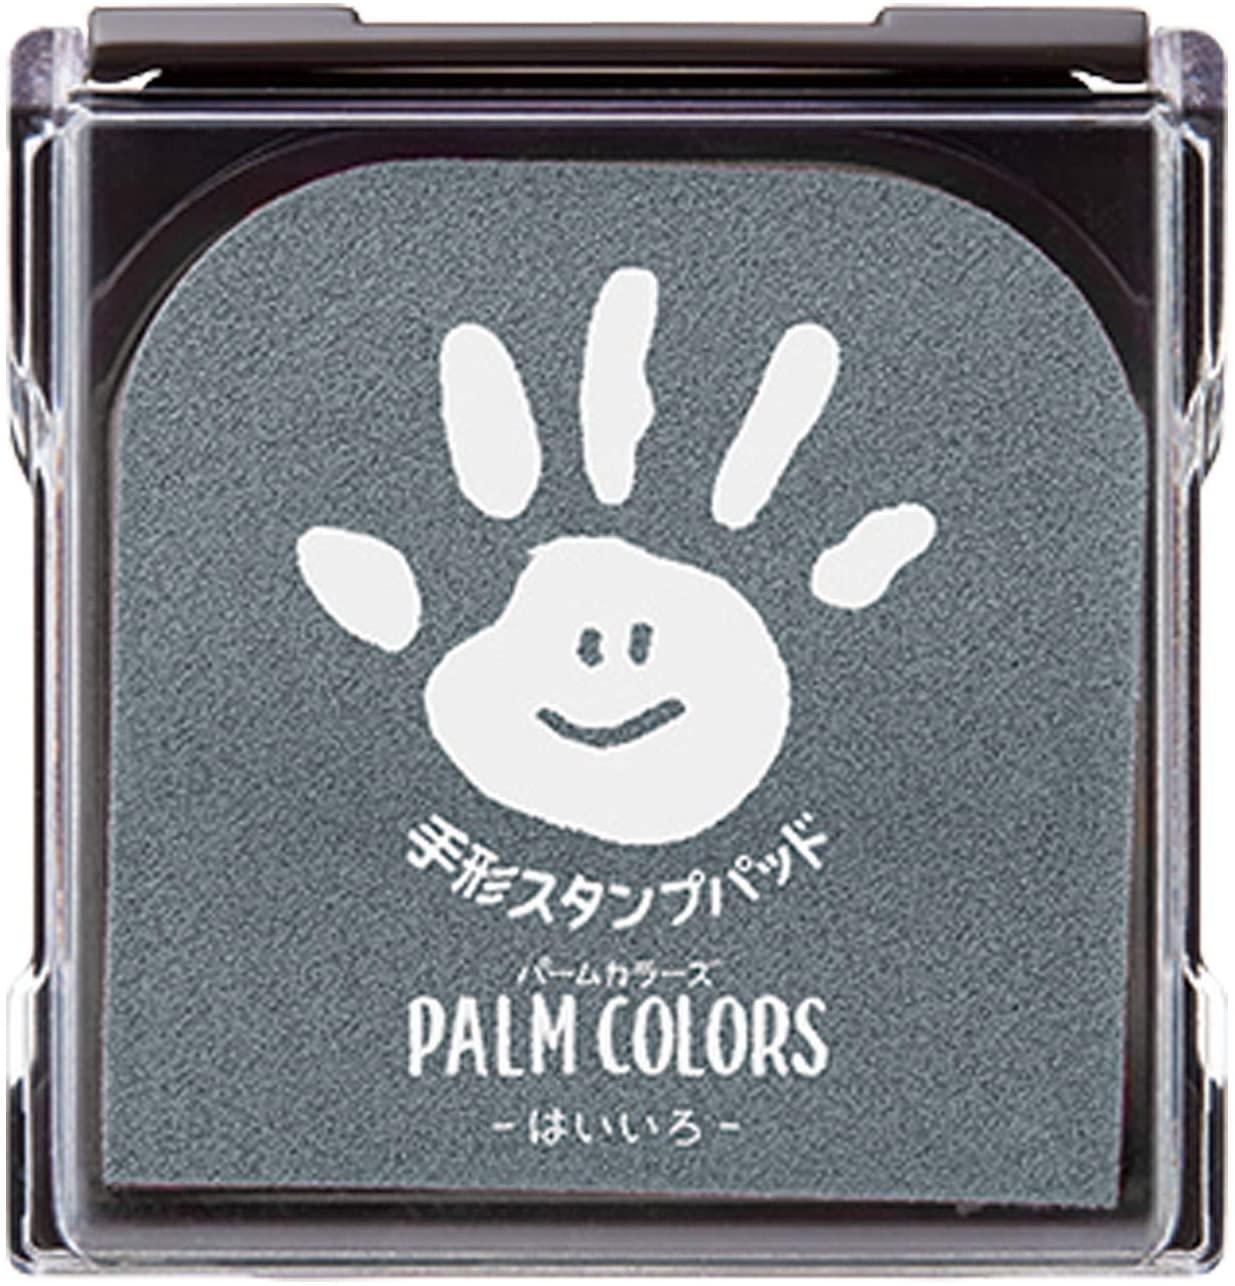 新作販売 シャチハタ 手形スタンプパッド PalmColors HPS-A 定番の人気シリーズPOINT ポイント 入荷 はいいろ H-GR